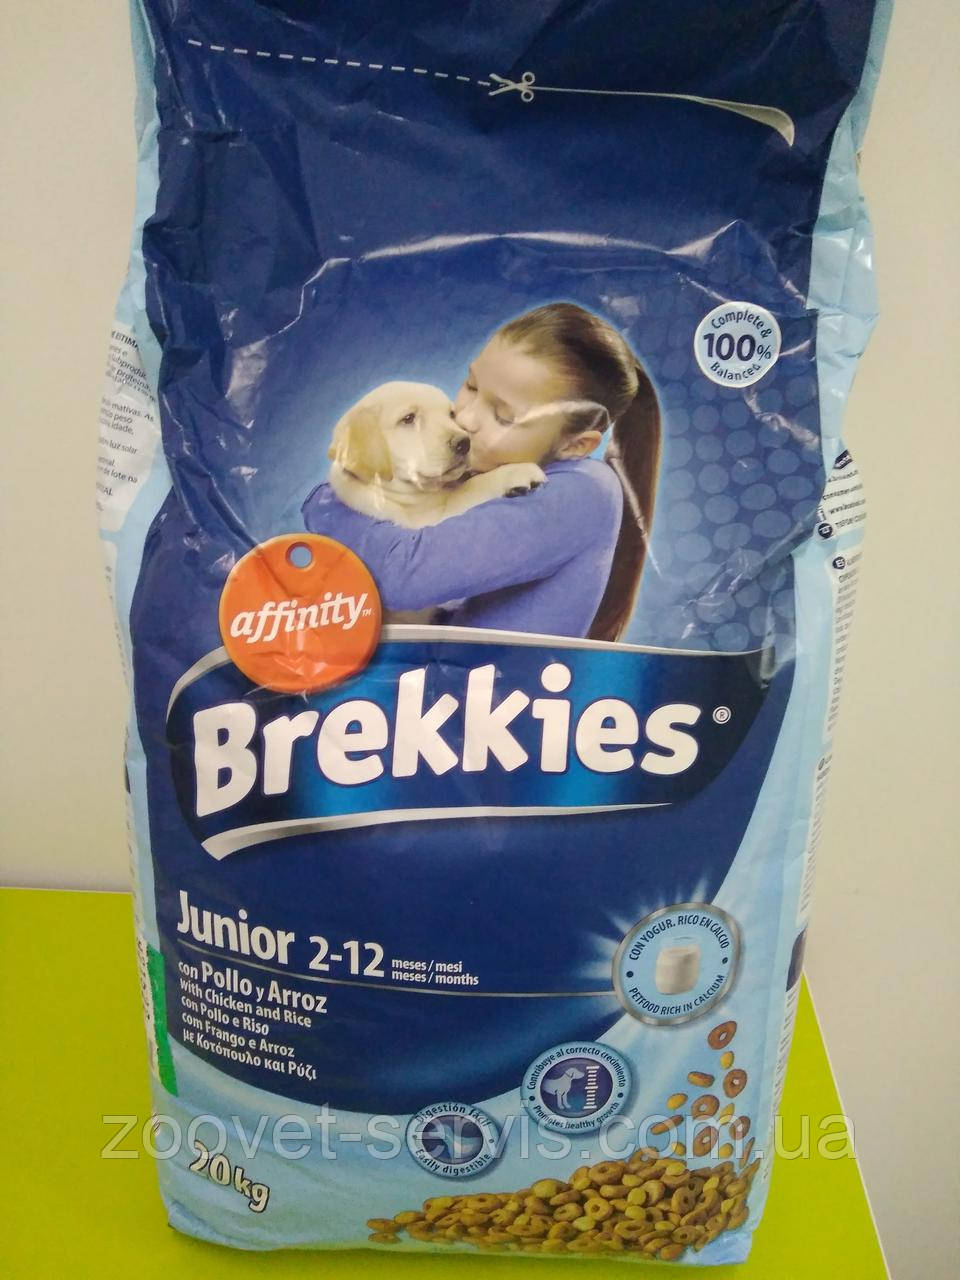 Корм Brekkies (Брекис) Excel Junior 20 кг для щенков с кальцием и витаминами